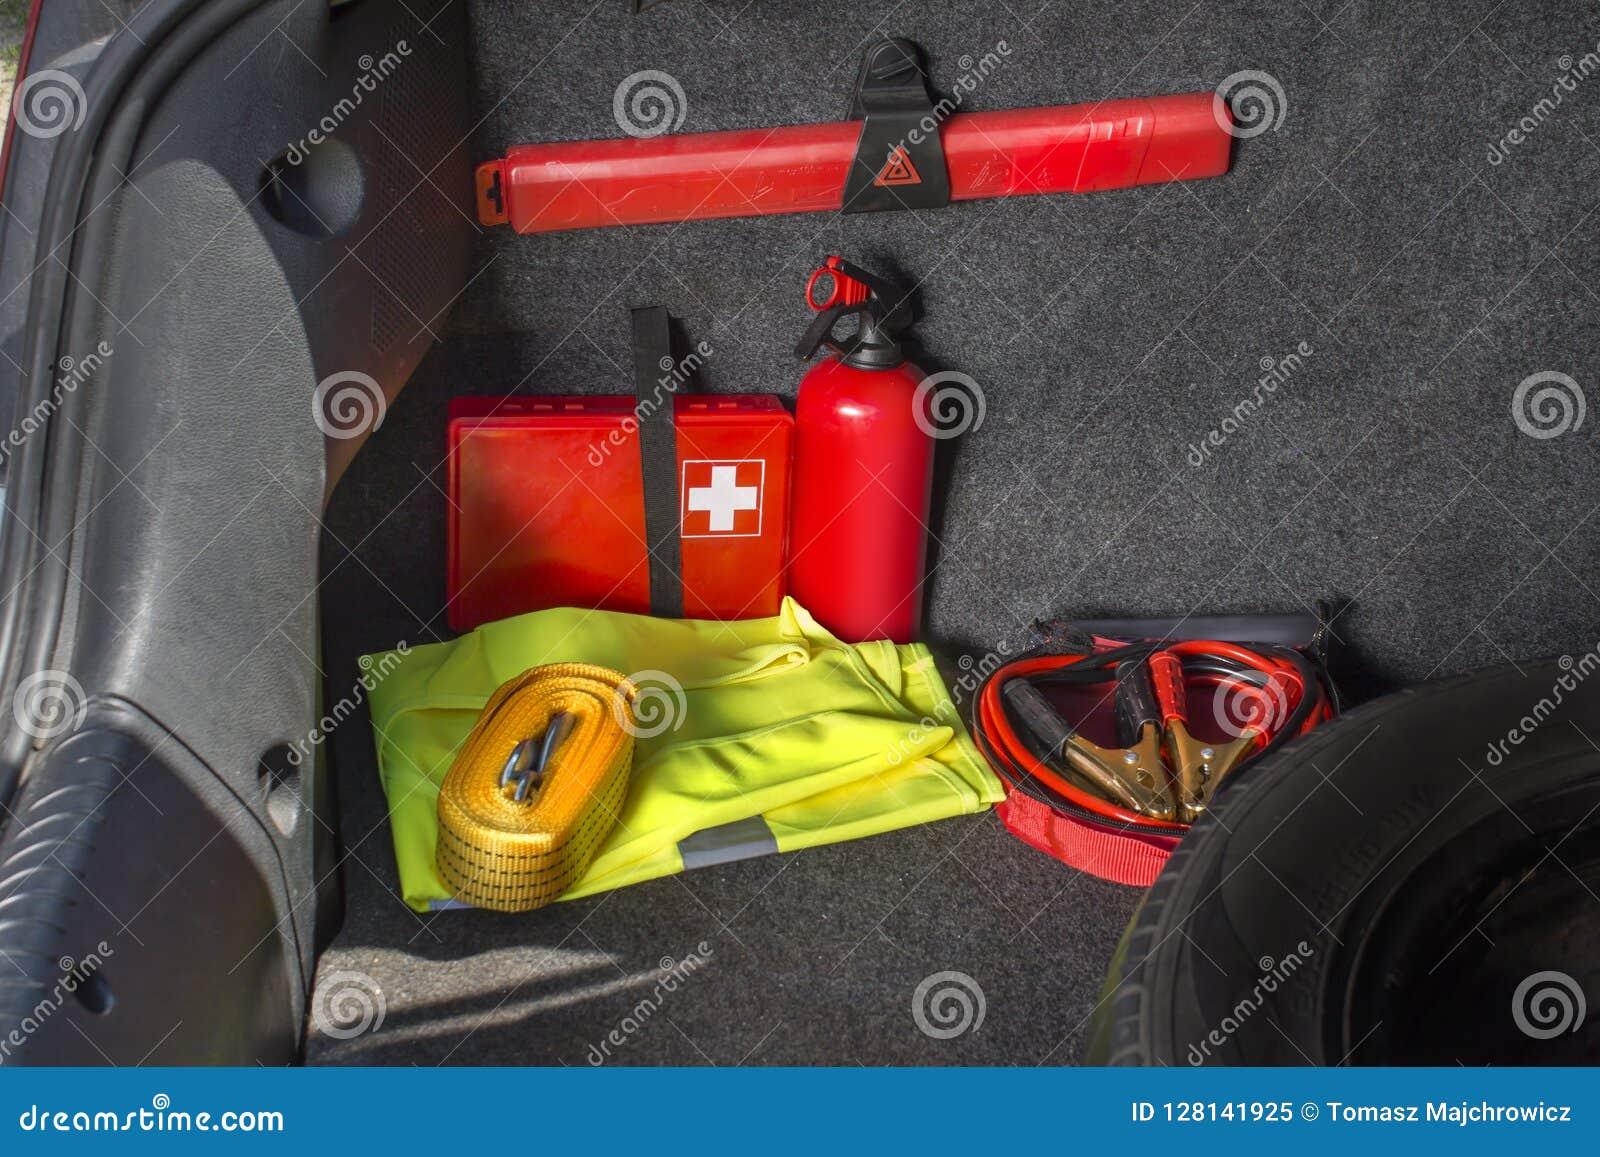 Интерьер хобота автомобиля в котором бортовая аптечка, огнетушитель, предупреждающий треугольник, отражательный жилет, звезда